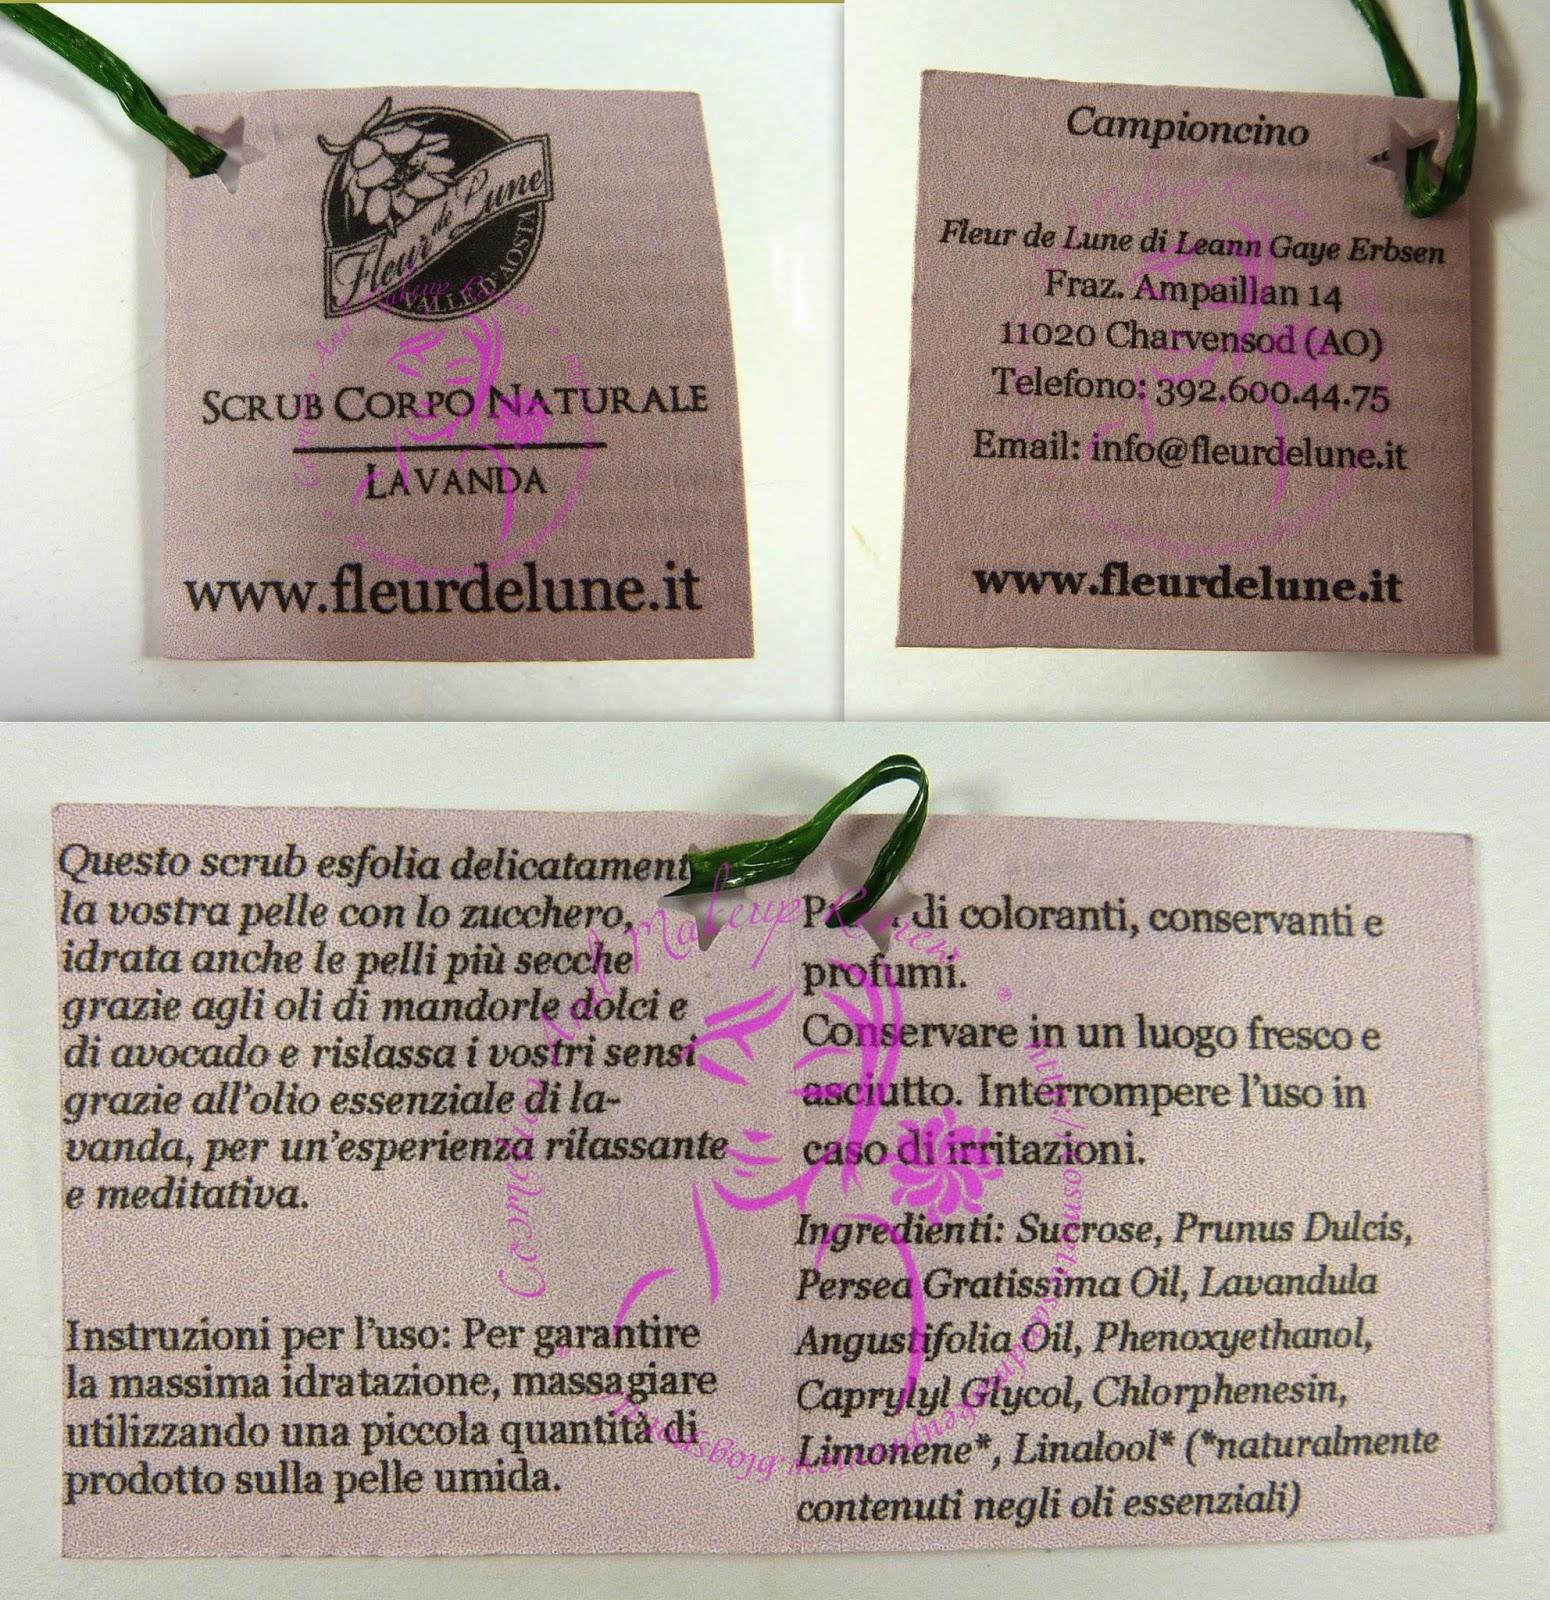 Fleur de Lune - Scrub Corpo Naturale alla Lavanda - etichetta